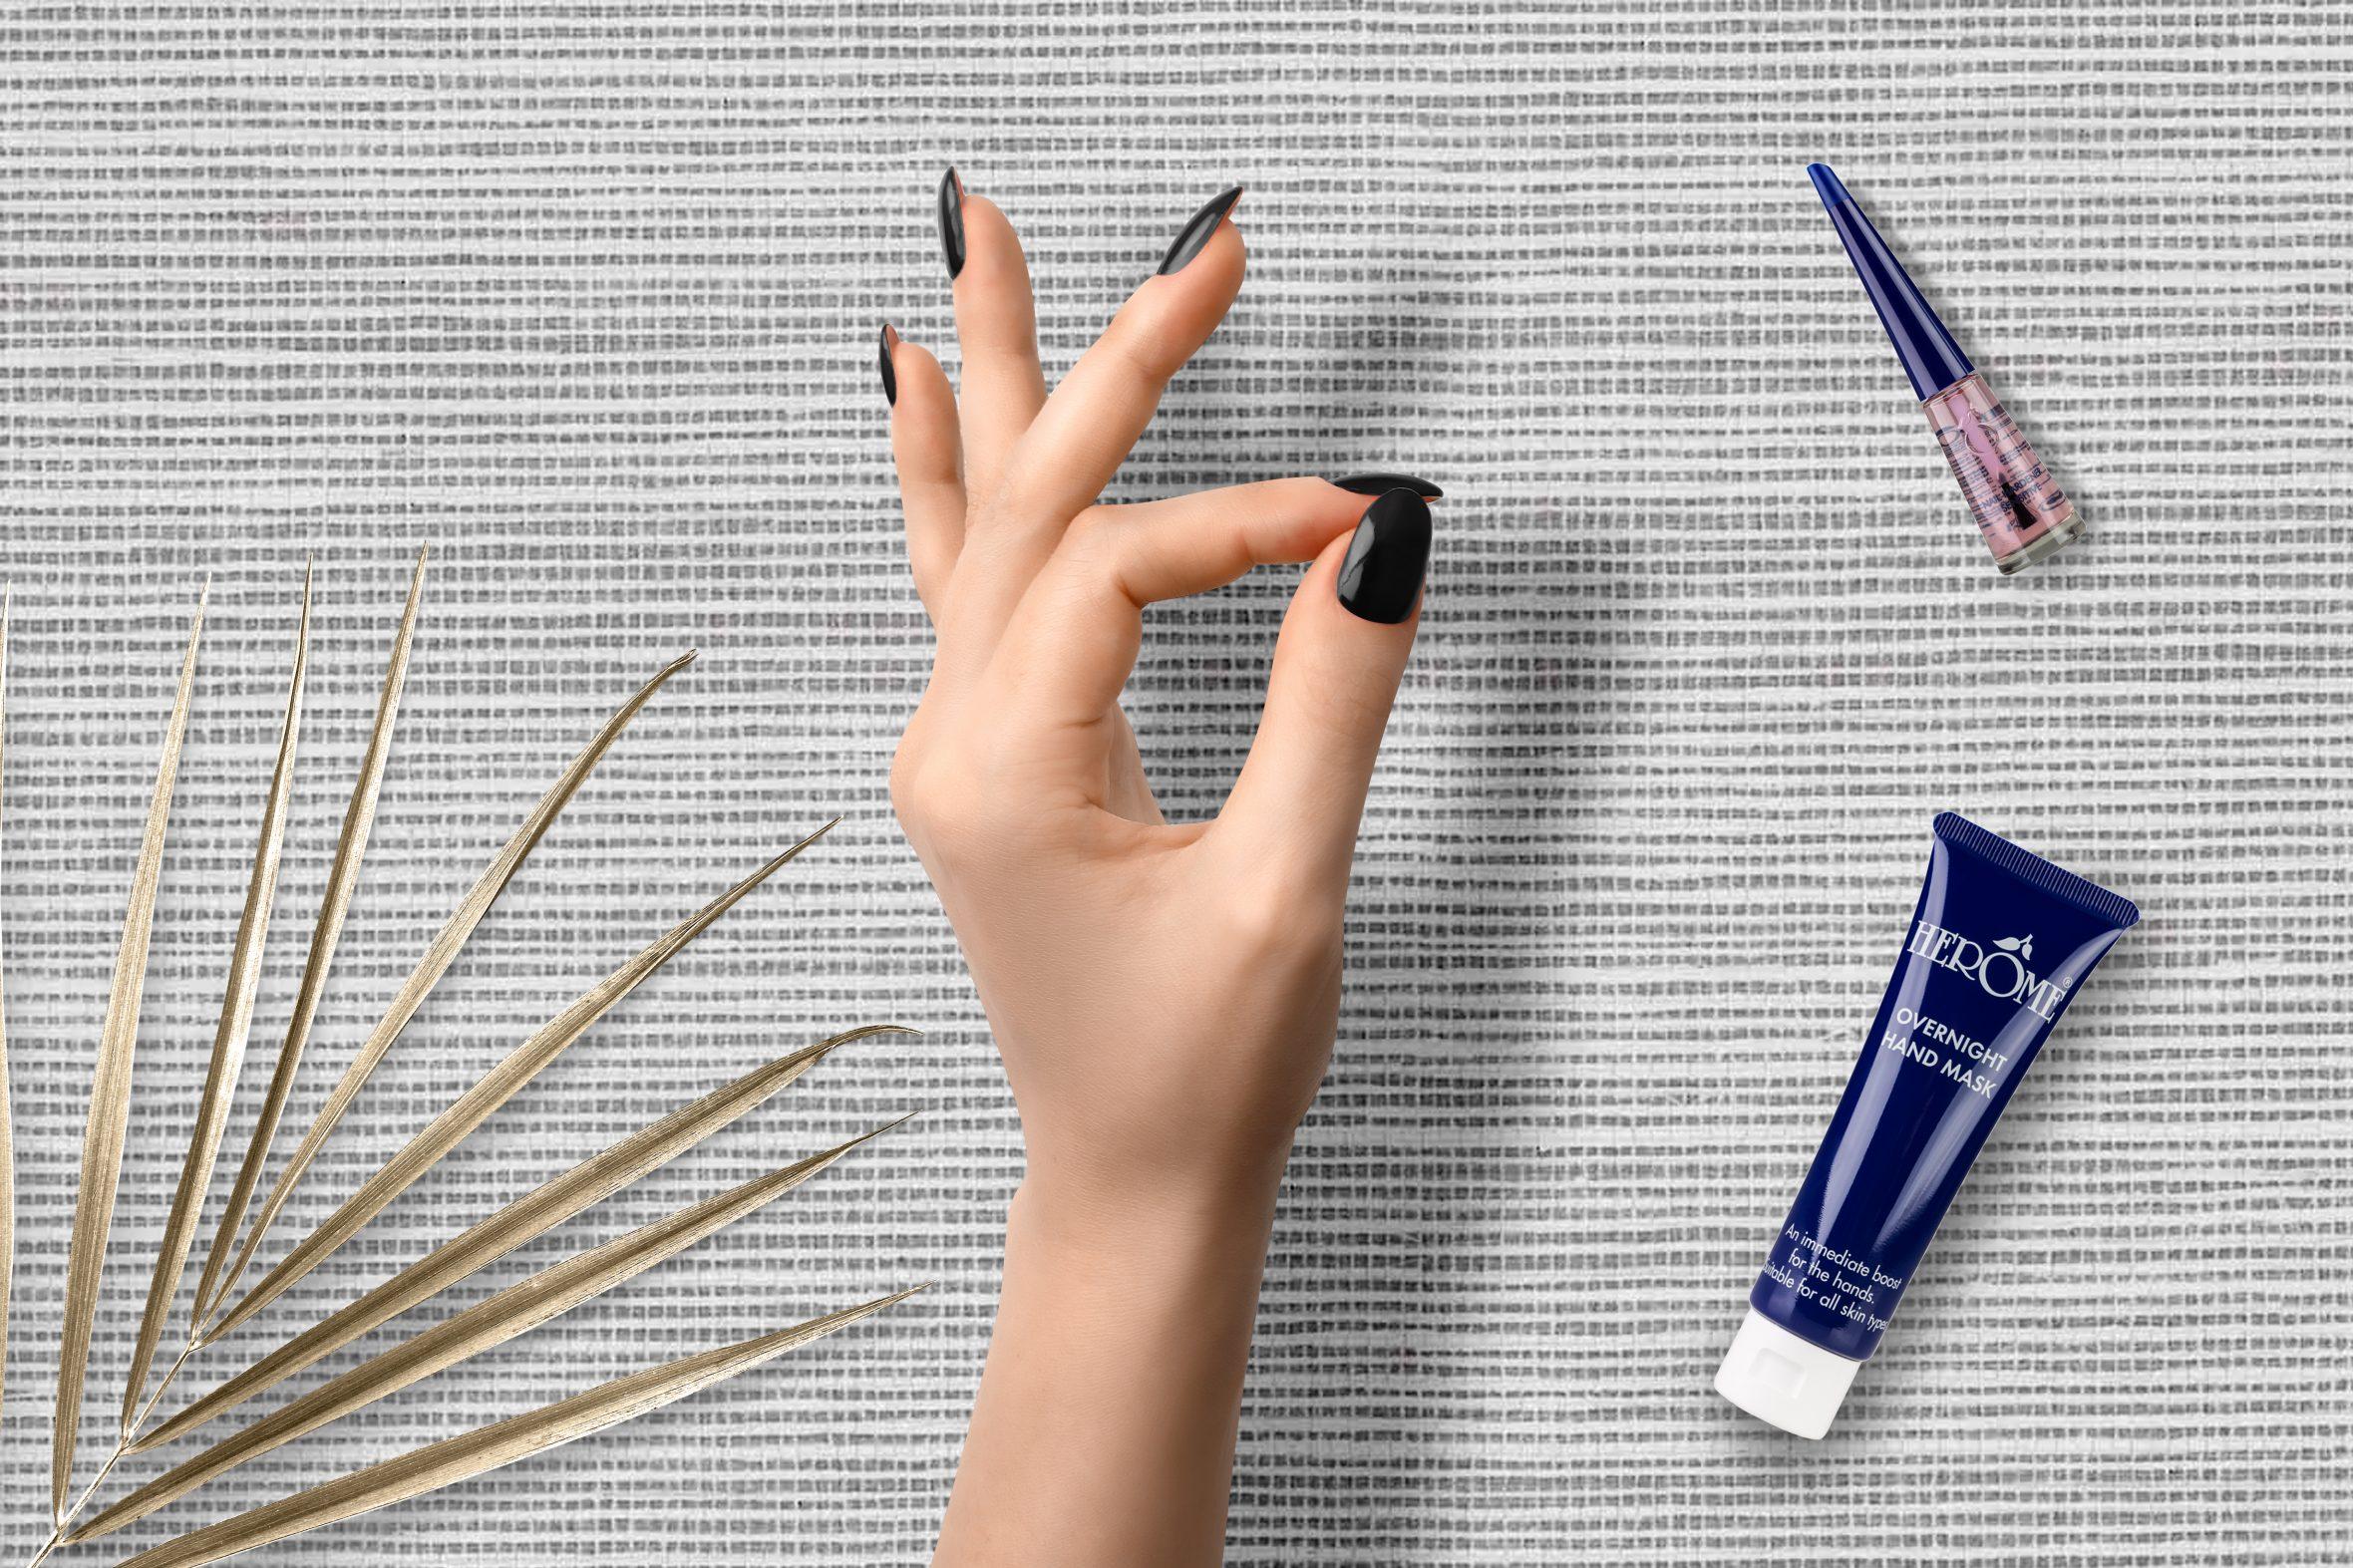 Zwarte nagellak dragen voor mooie nagels